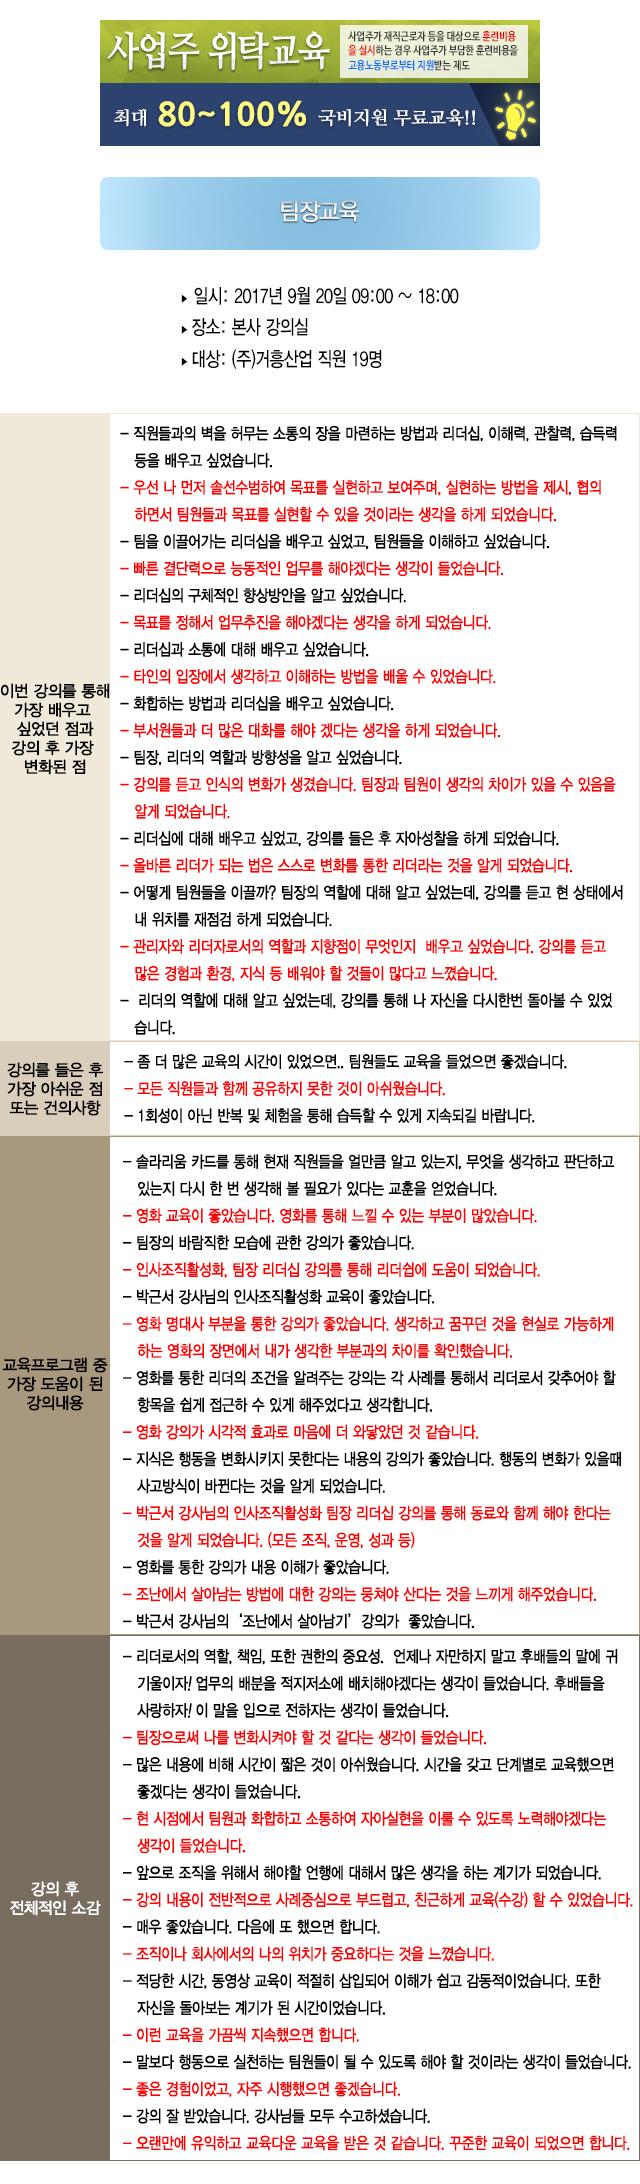 한국중앙인재개발원 후기 거흥산업.jpg